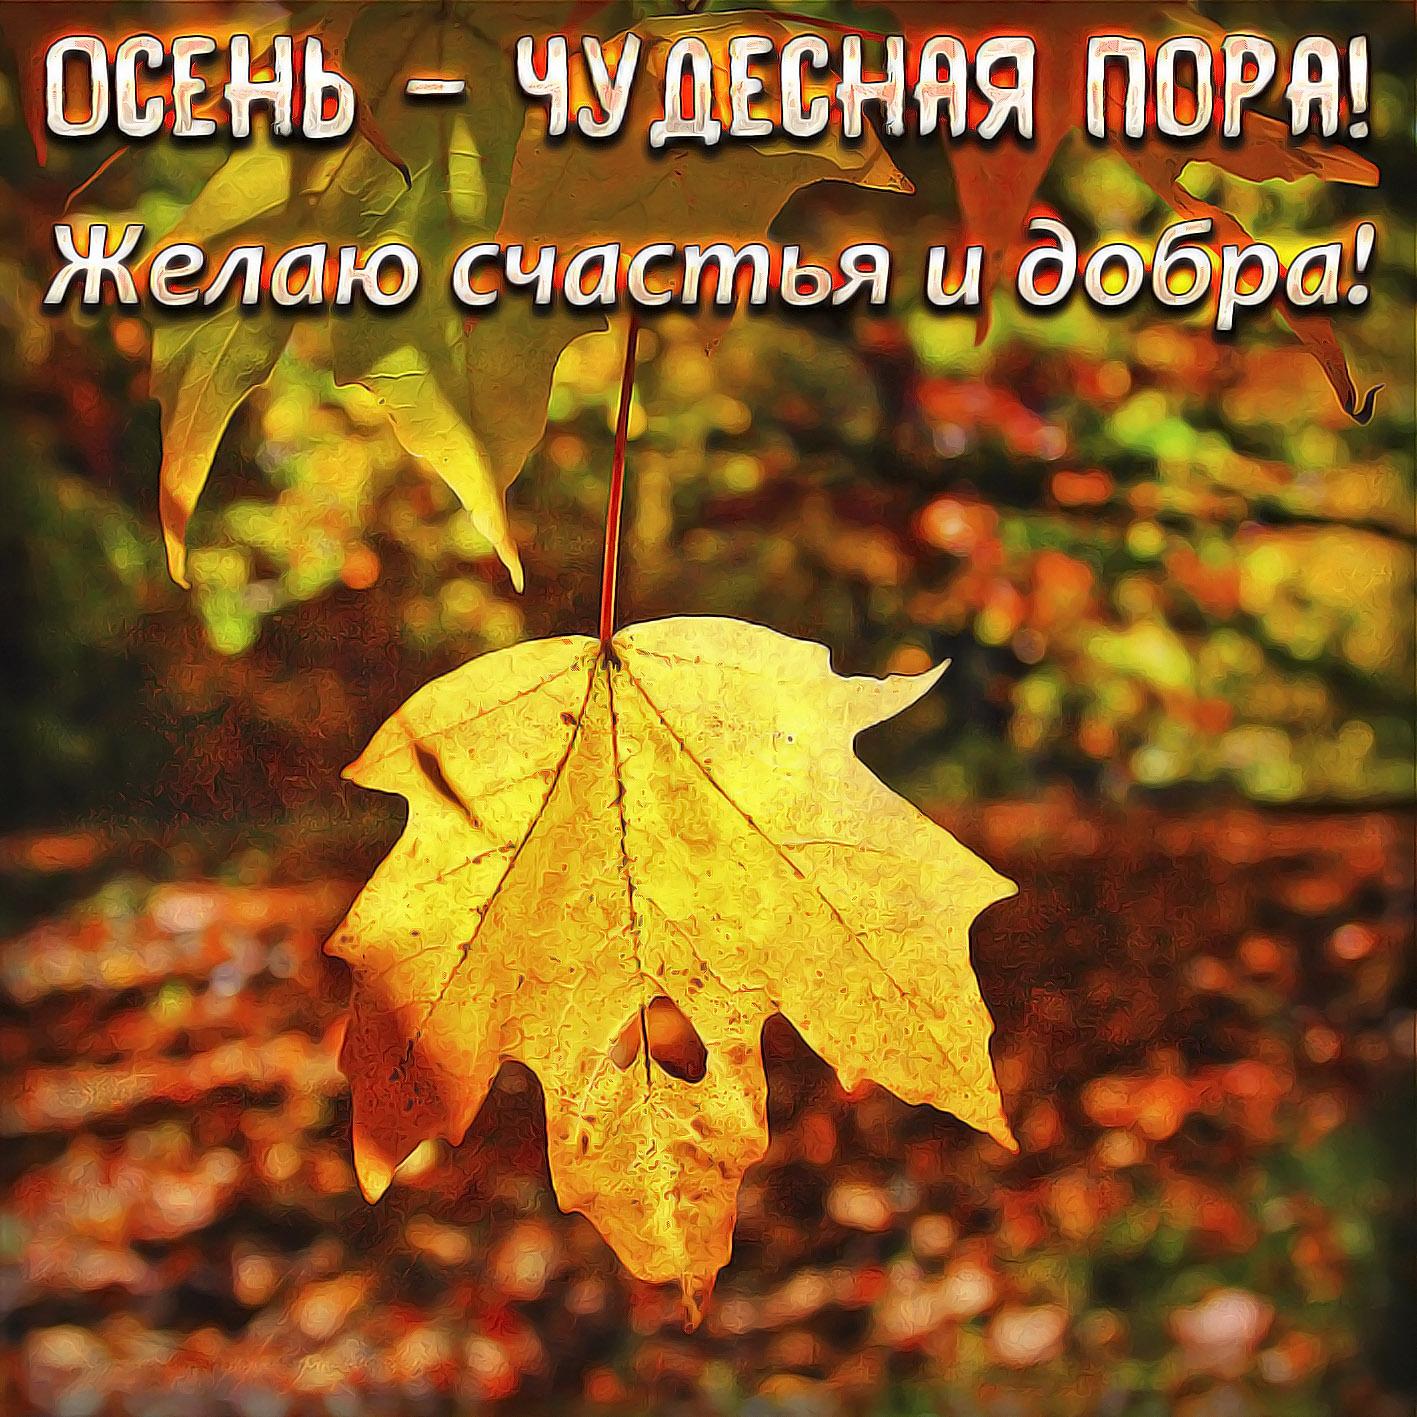 Картинка с жёлтым кленовым листиком на первый день осени